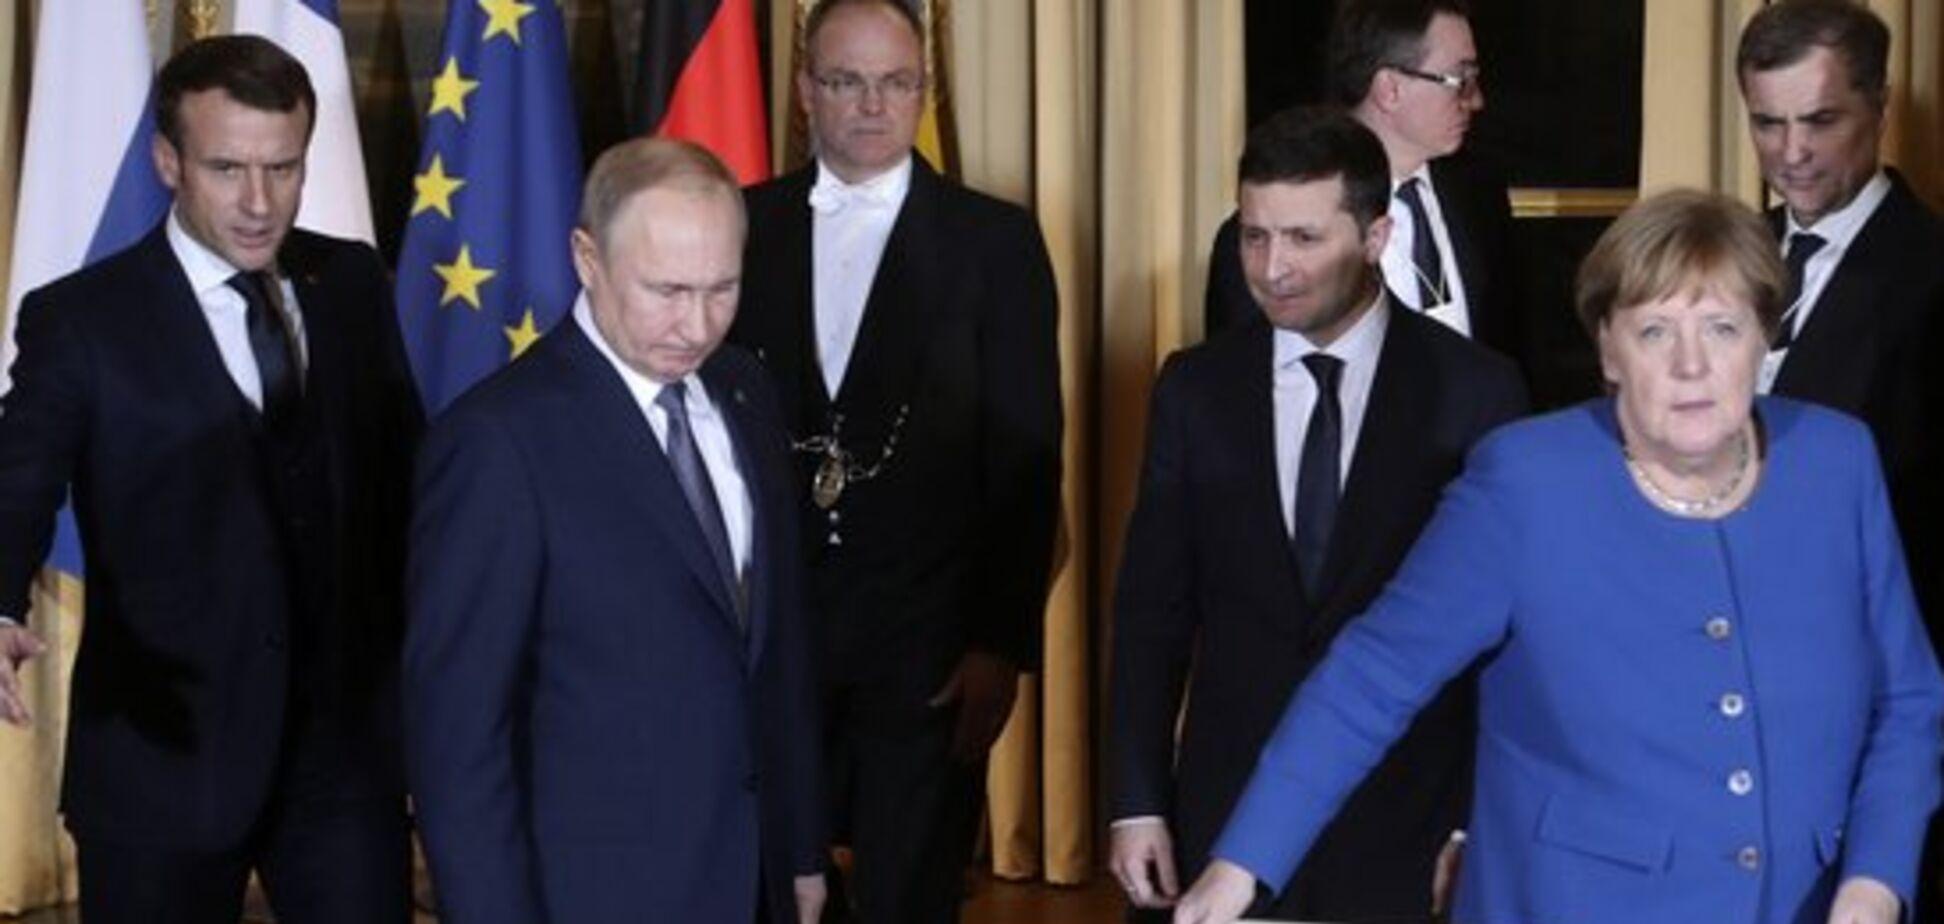 Меркель с Макроном огорчатся, а Путин разозлится